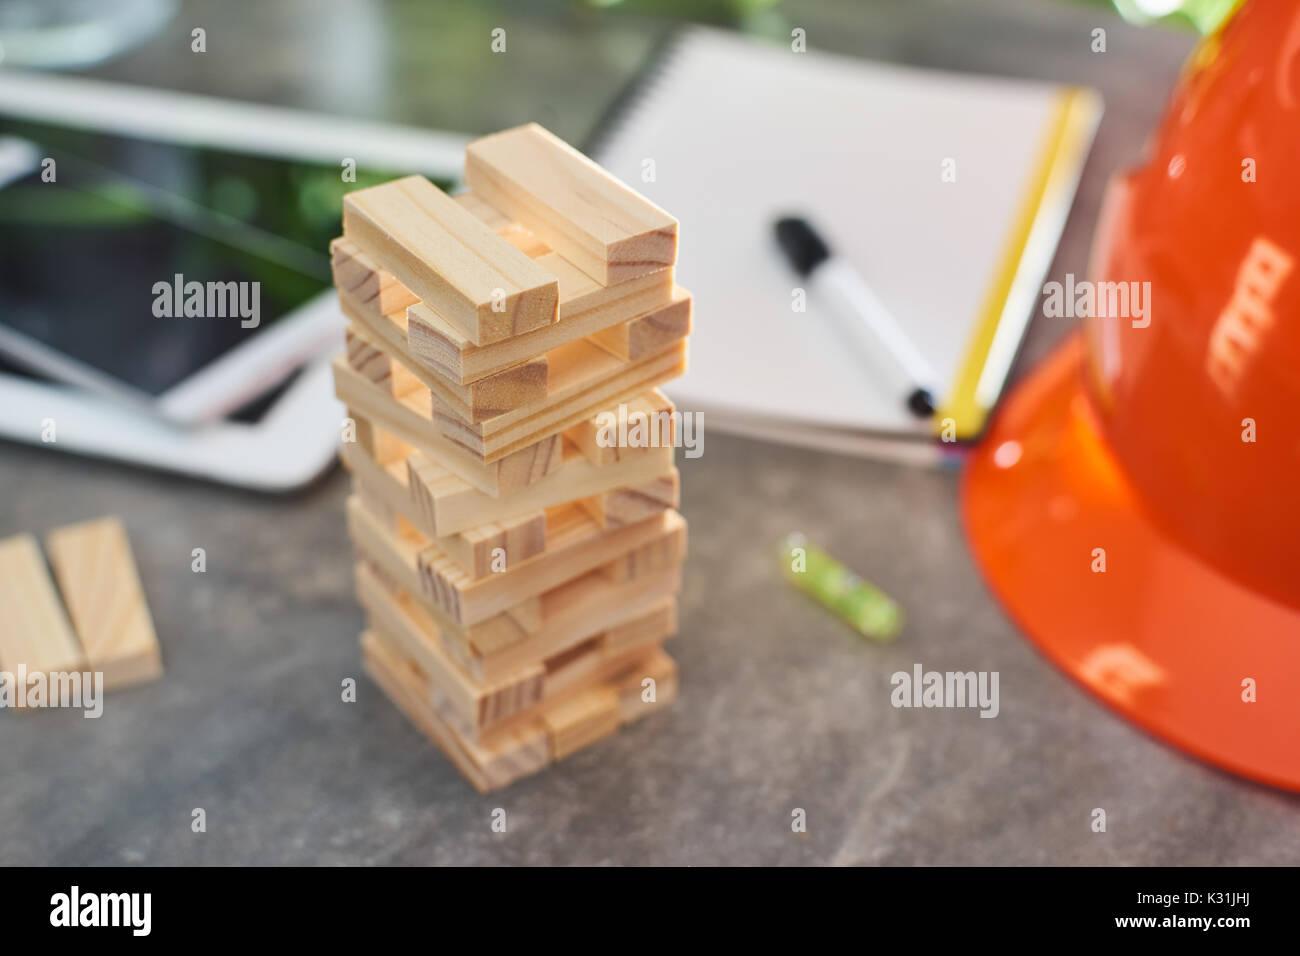 Bloc de construction en bois marron avec arrière-plan flou tour sélectionné .l'accent . Photo Stock